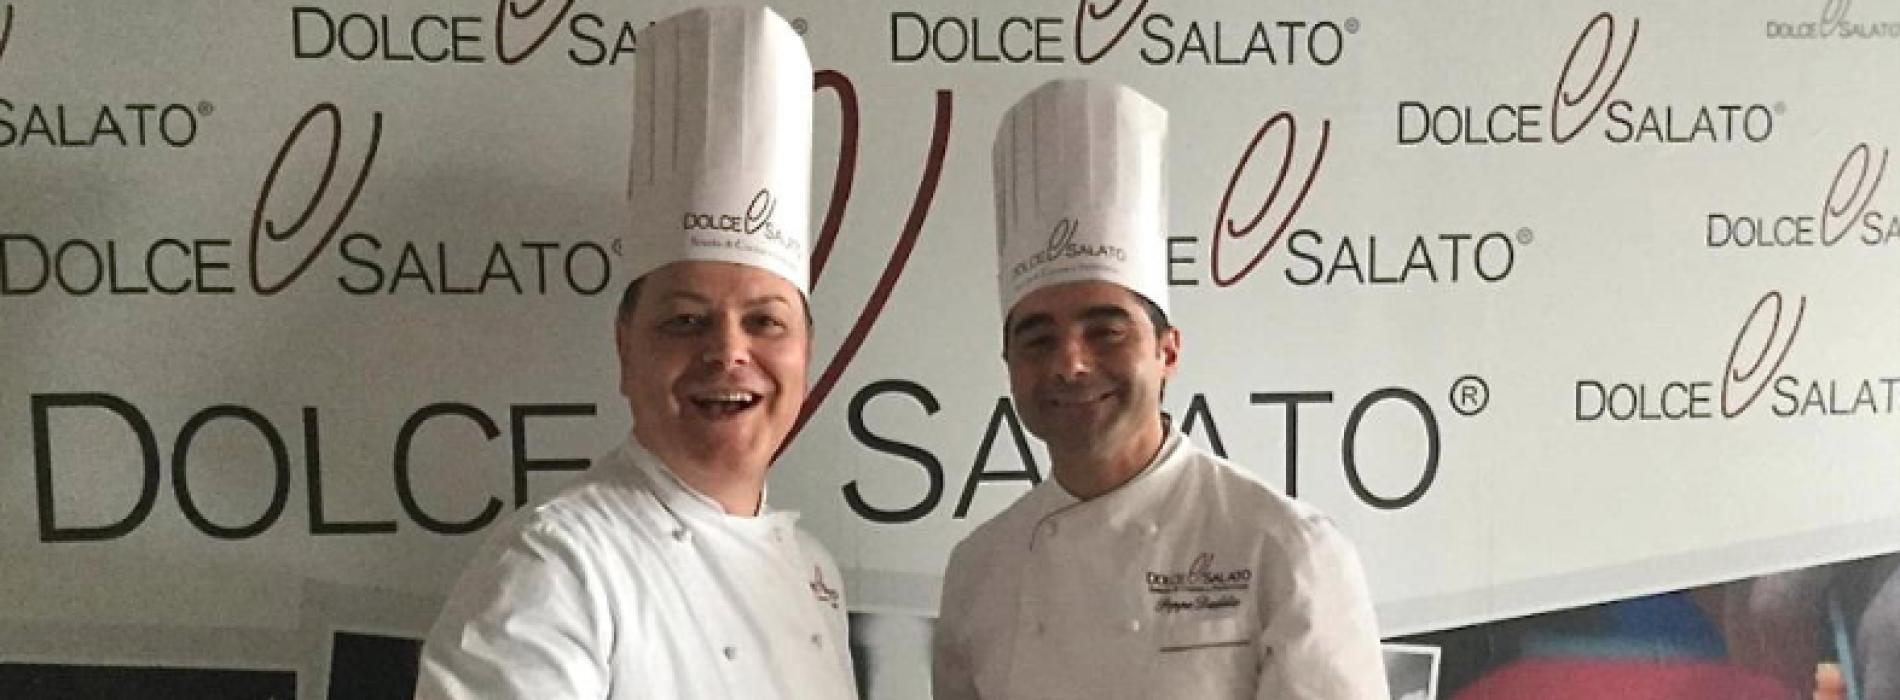 Rimini, Dolce & Salato va a fare scuola anche al Salone Sigep